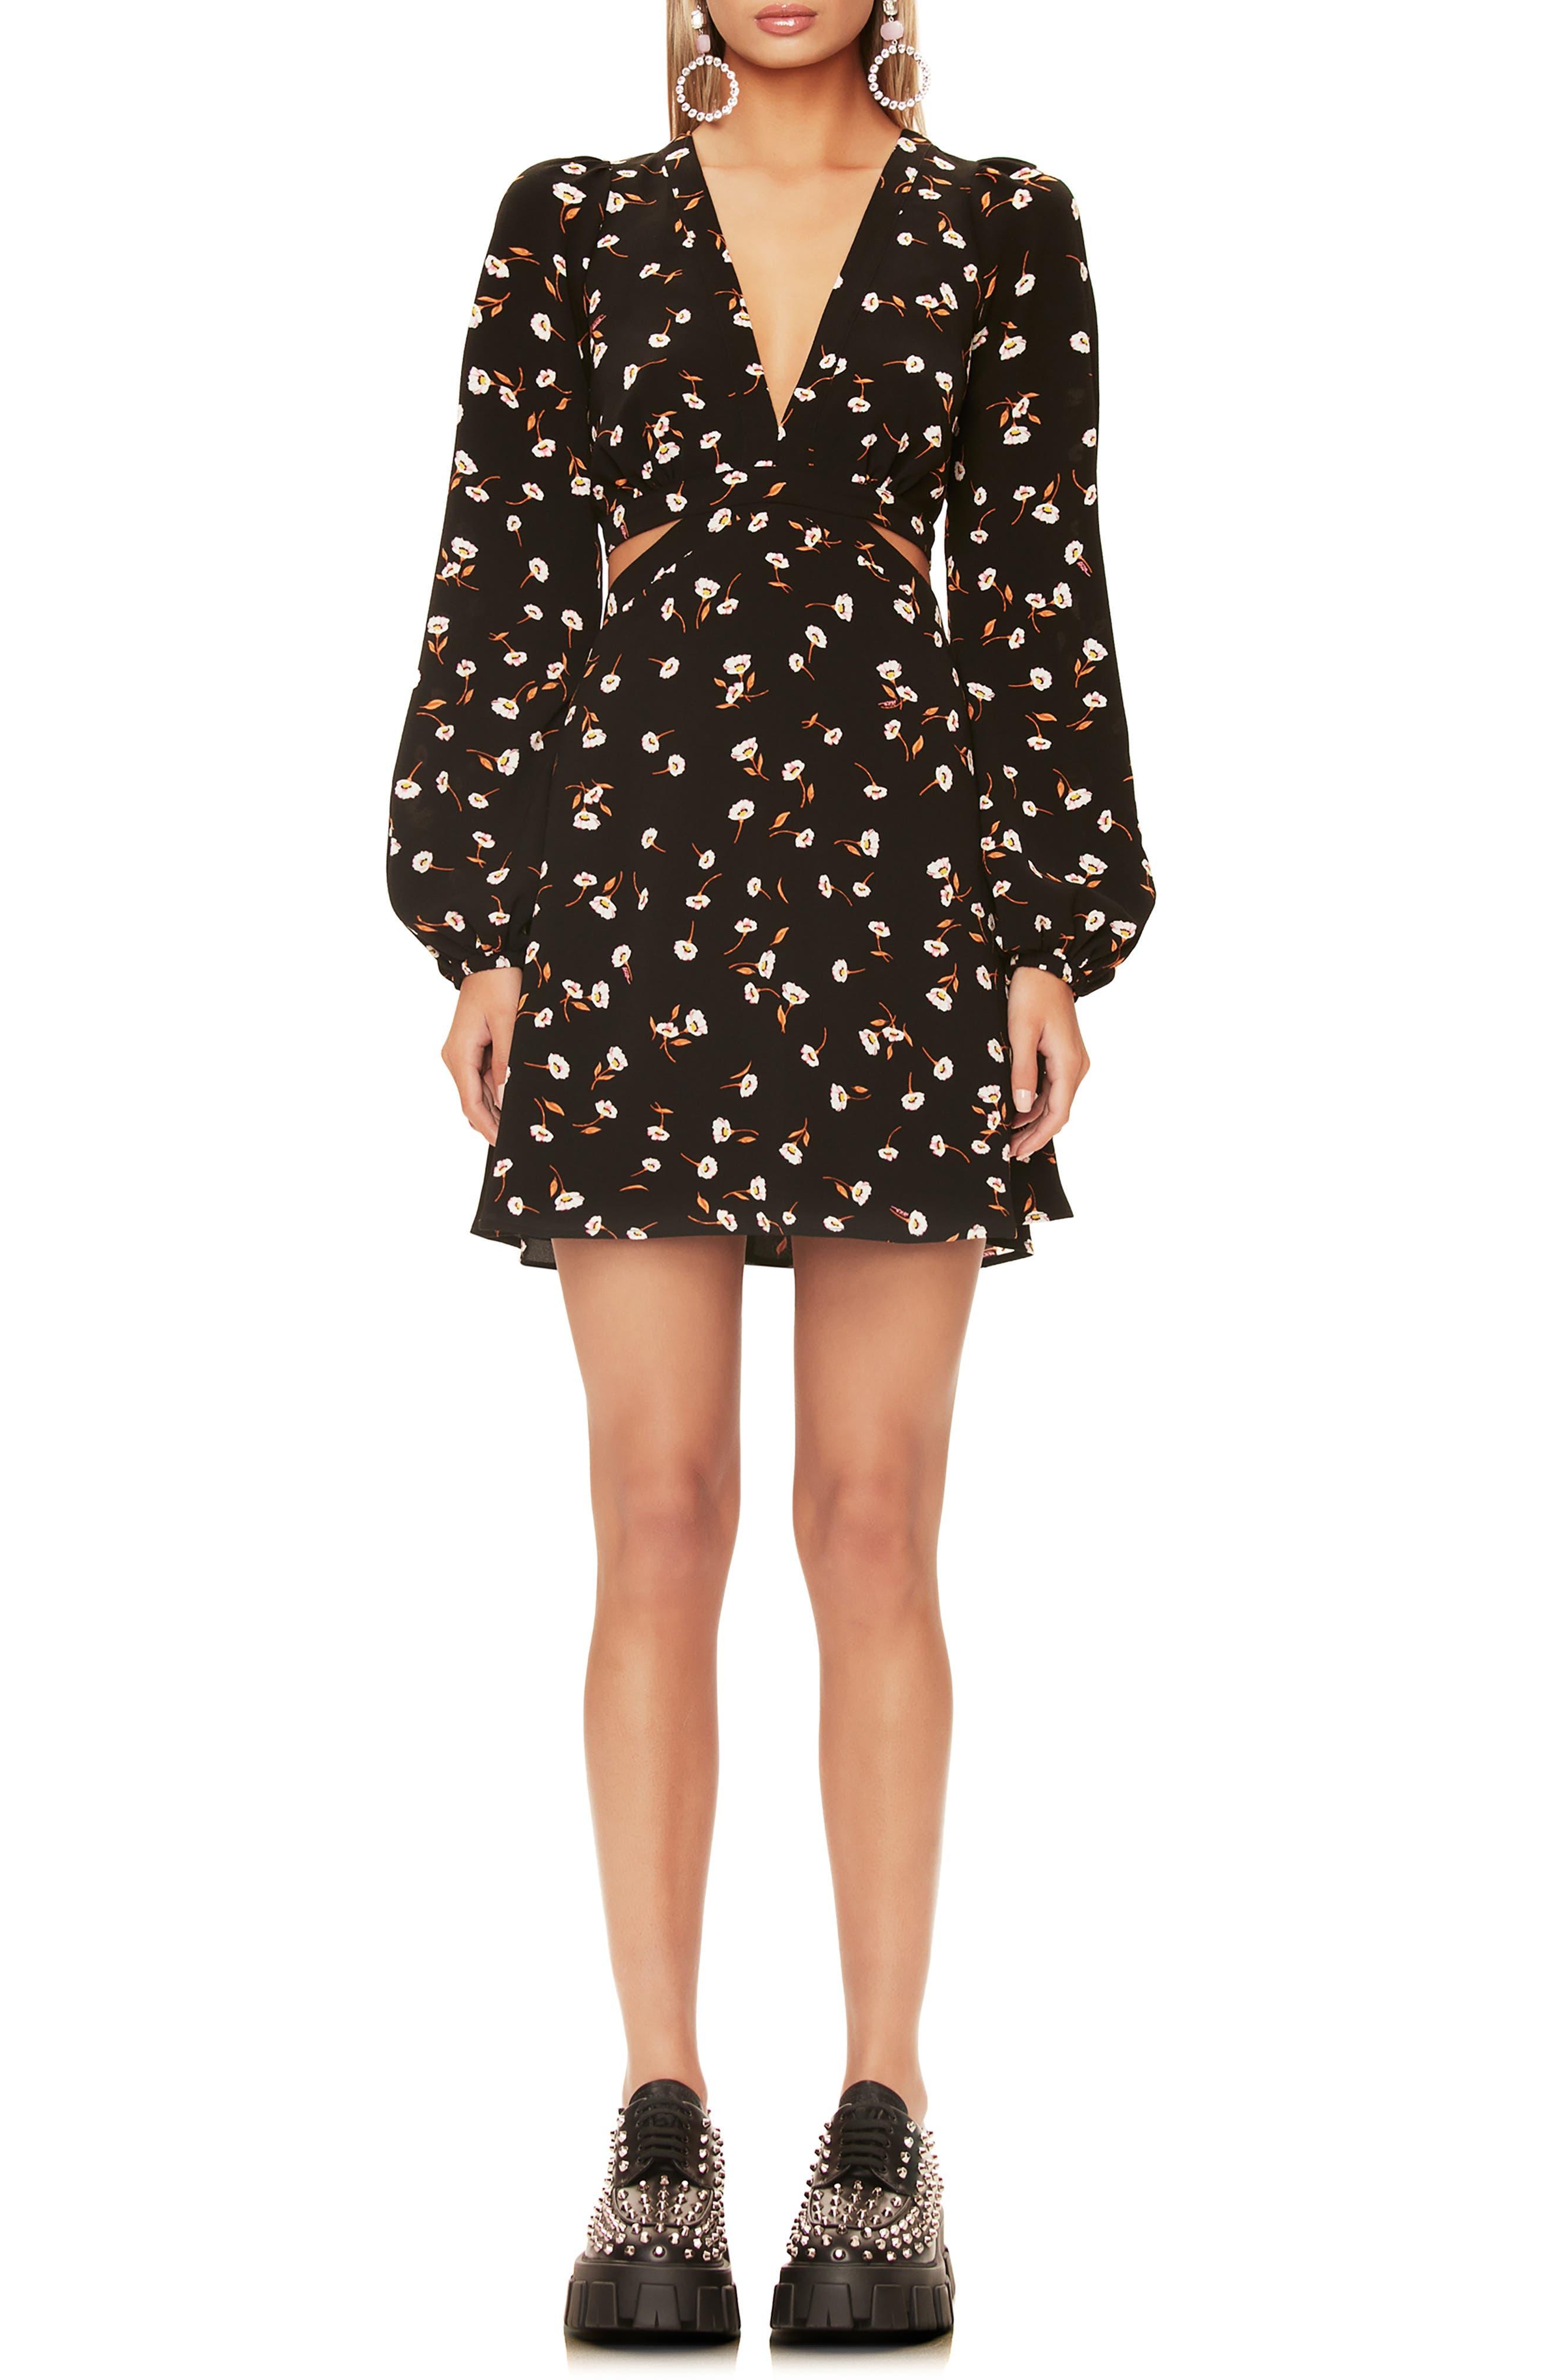 Evie Lace-Up Back Long Sleeve Minidress